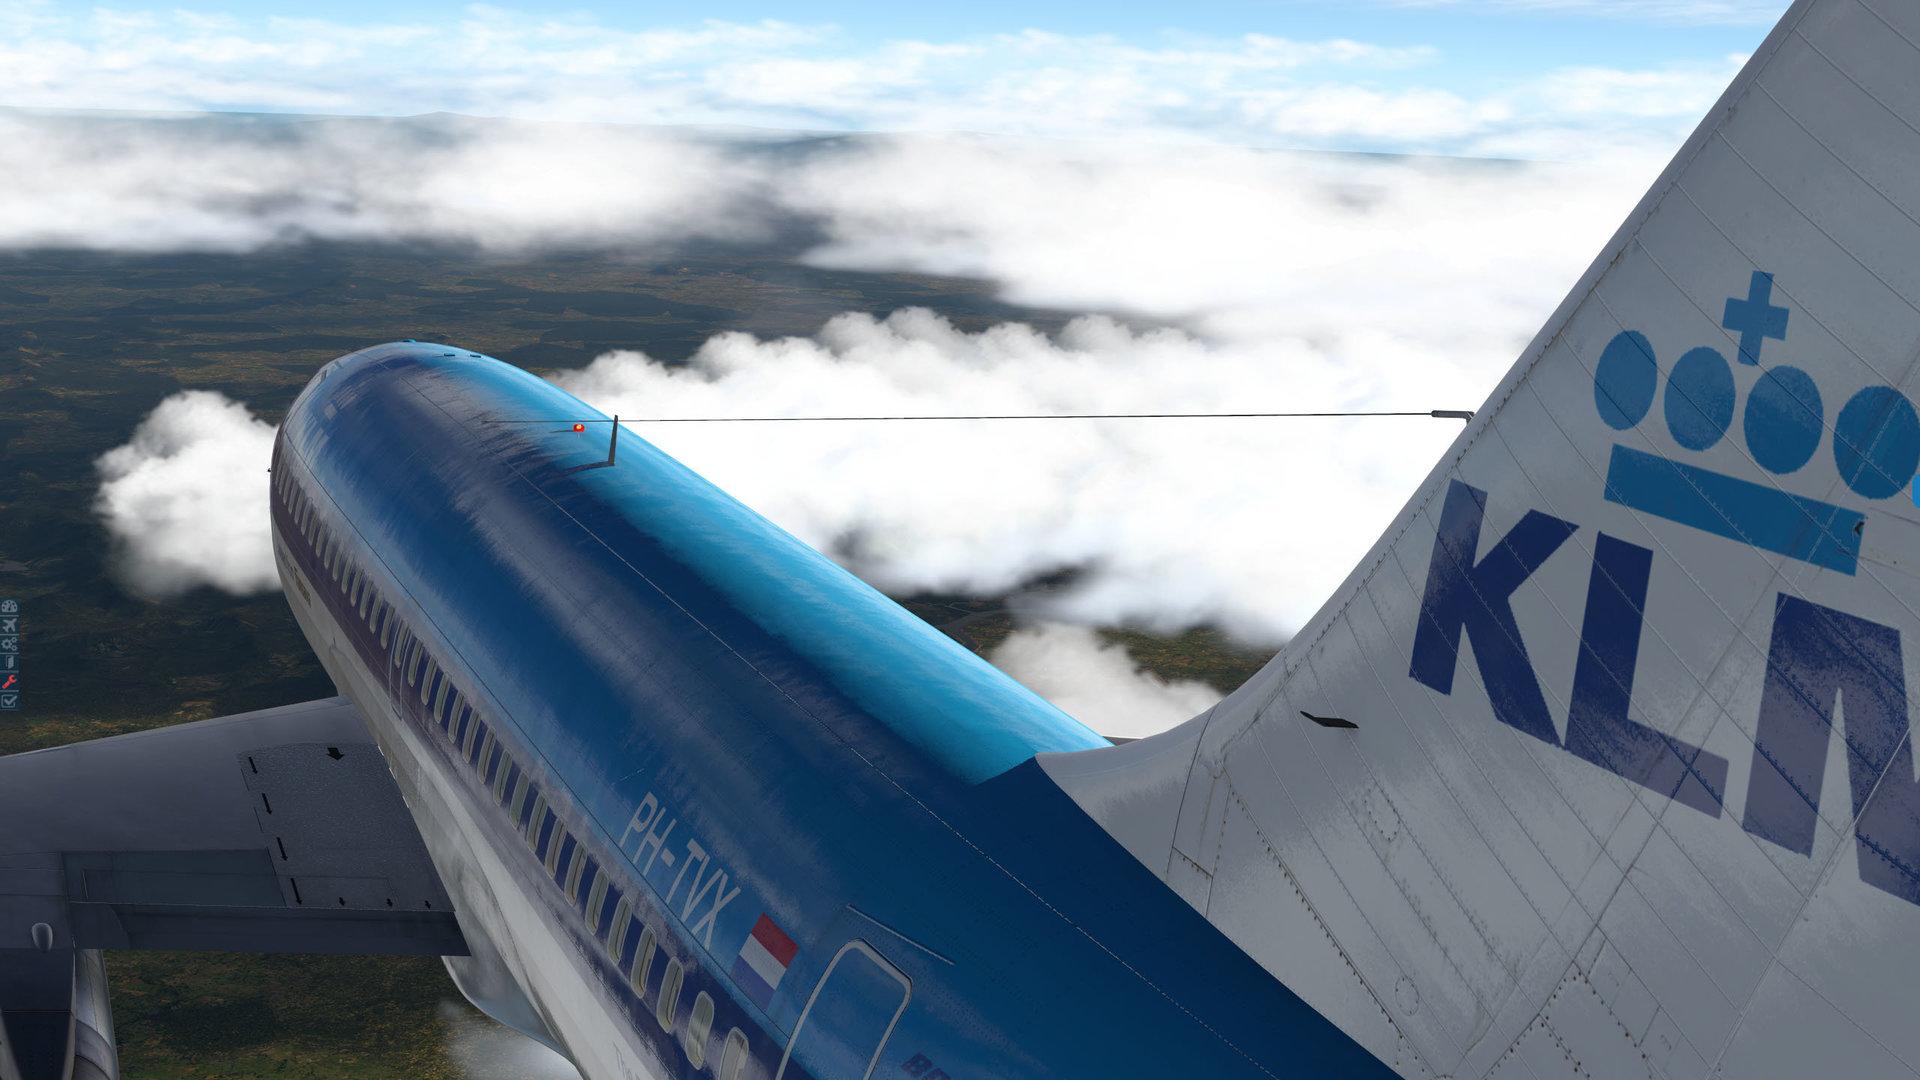 FJS_732_TwinJet_38.jpg